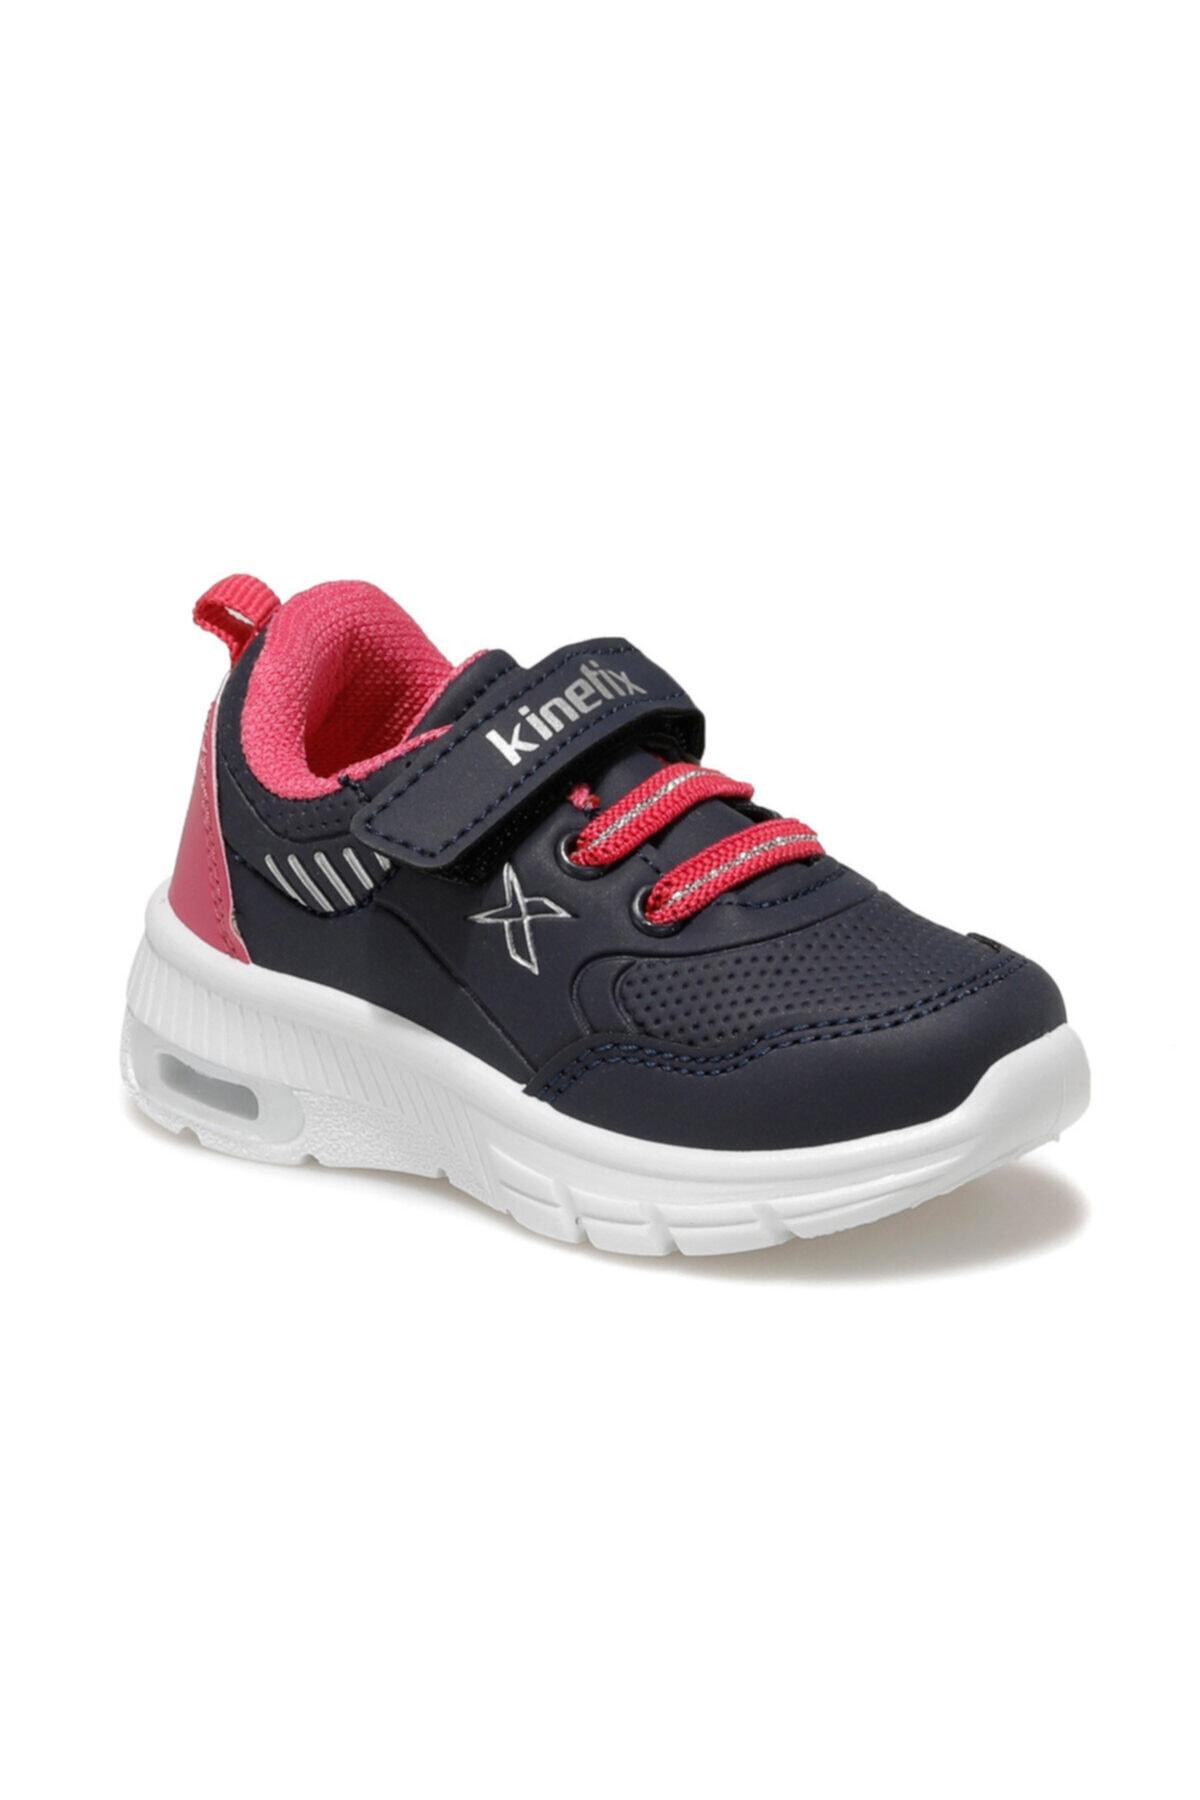 Kinetix WATSON Lacivert Kız Çocuk Yürüyüş Ayakkabısı 100543799 1